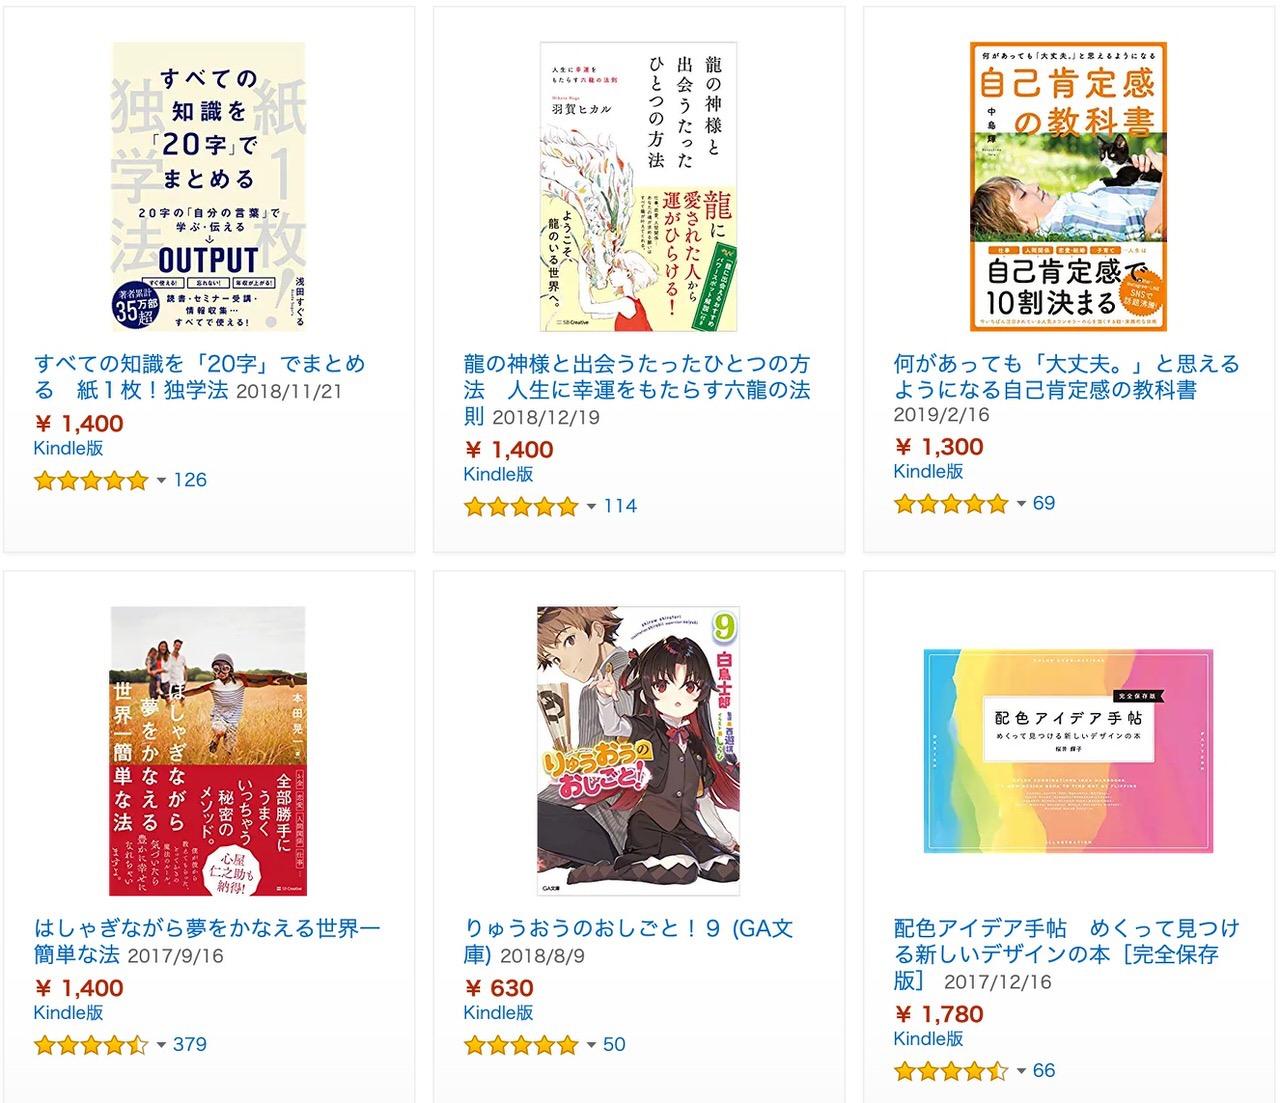 【Kindleセール】2,000冊以上が対象!50%ポイント還元「SBクリエイティブキャンペーン」(3/21まで)